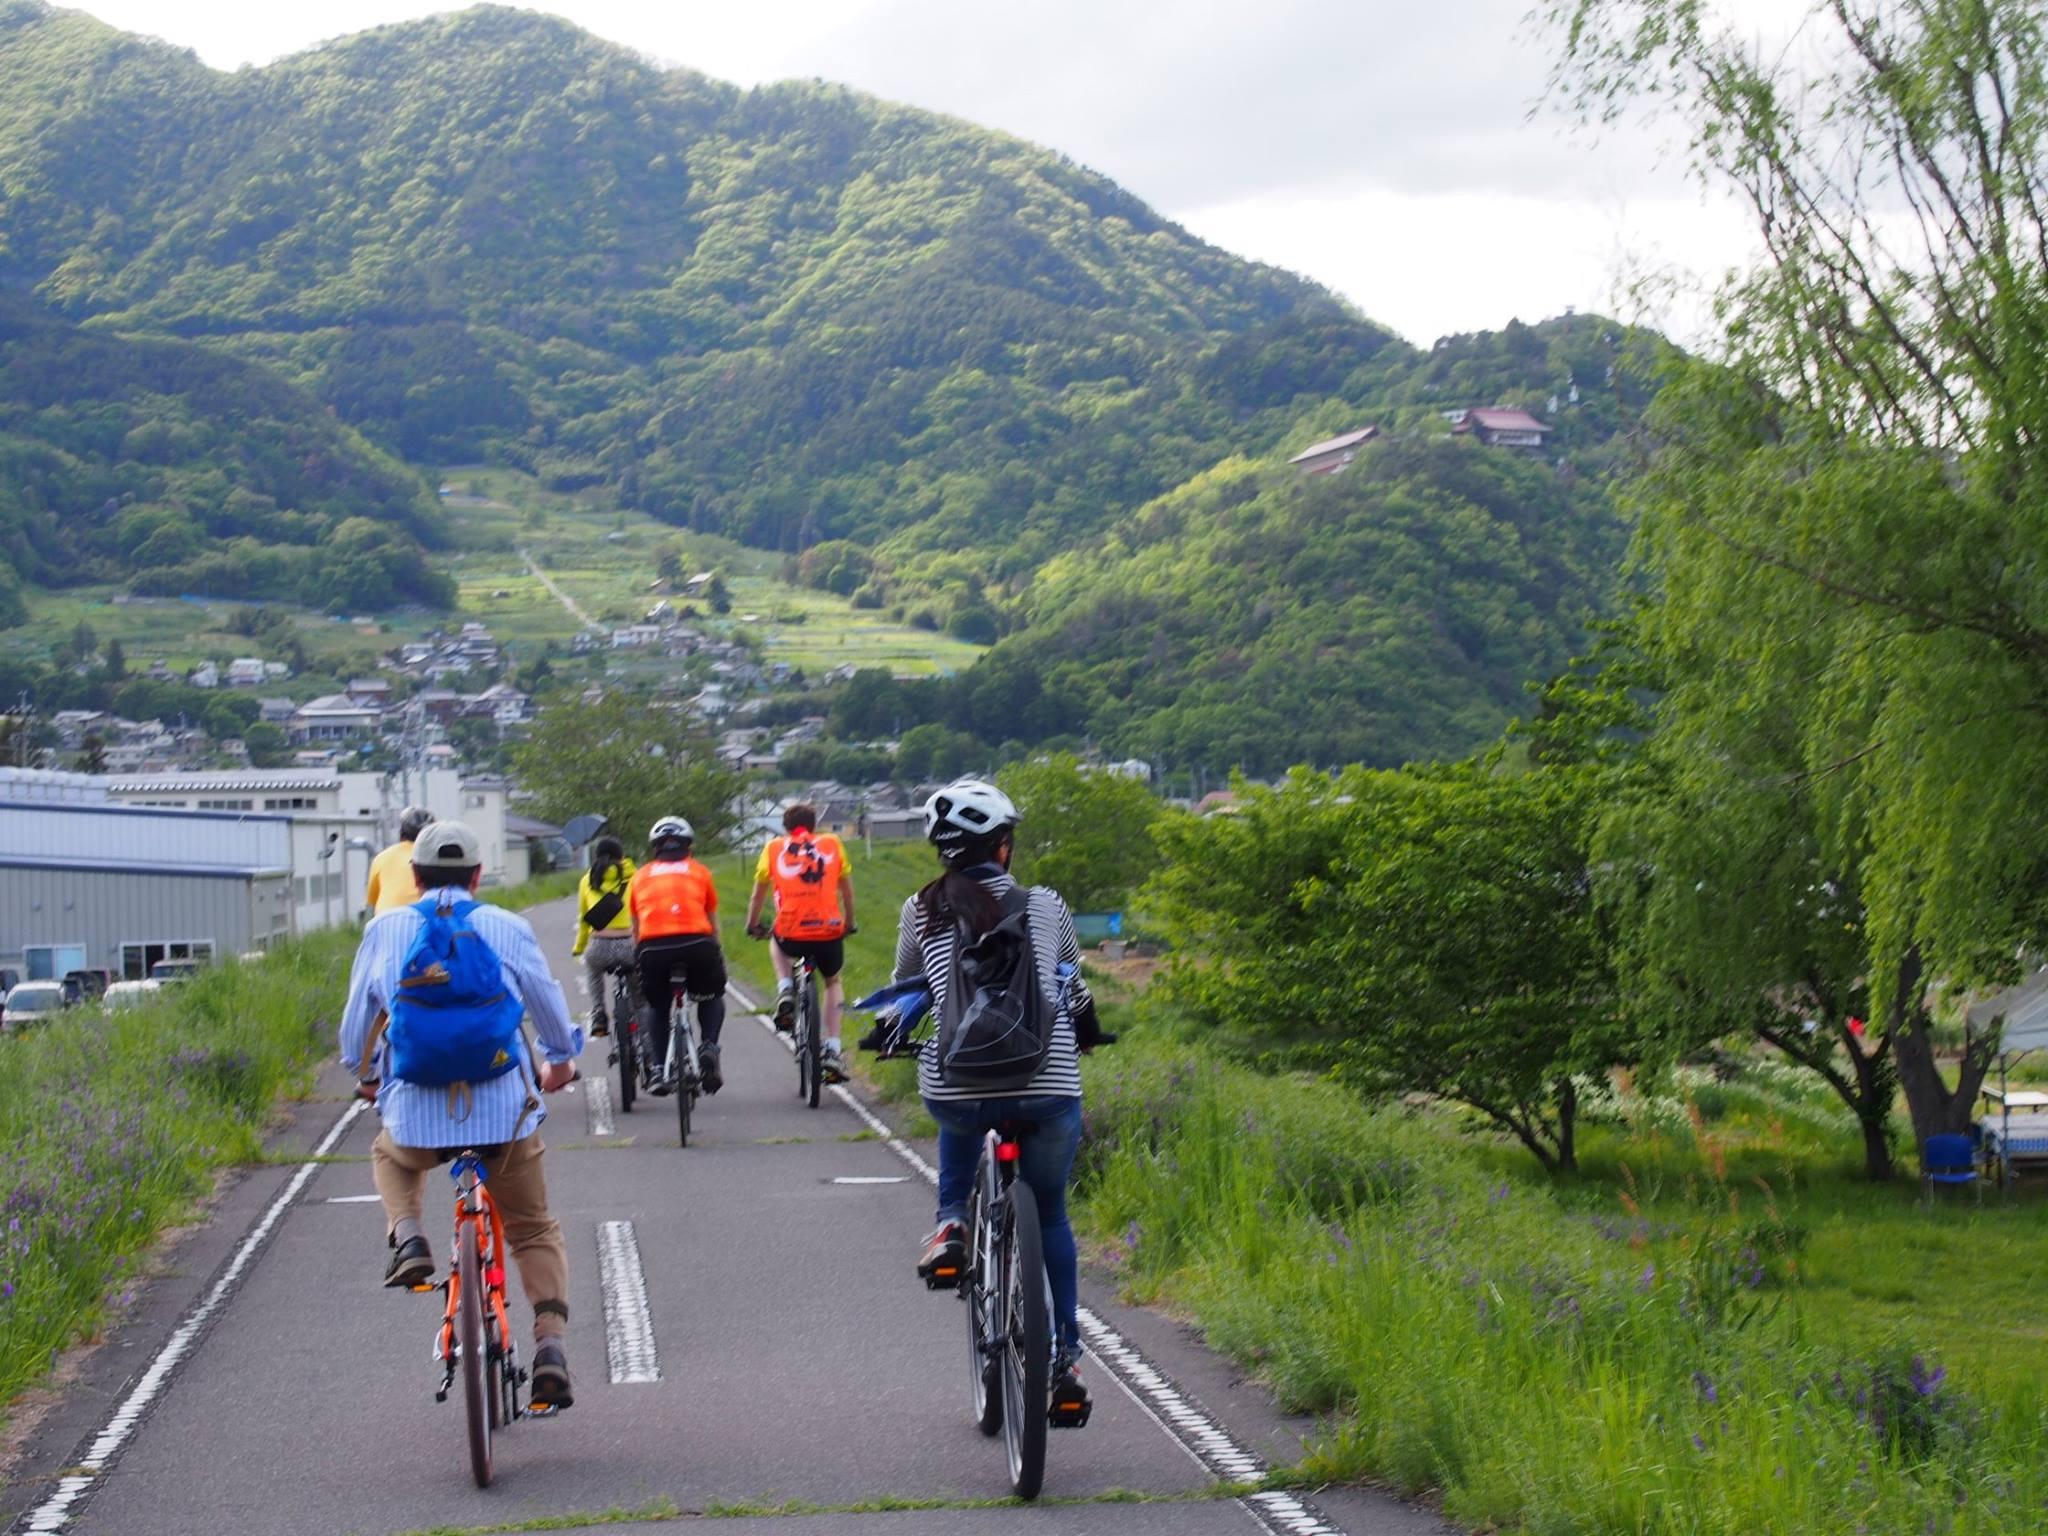 千曲川サイクリング道路 Chikuma River Cycling Path